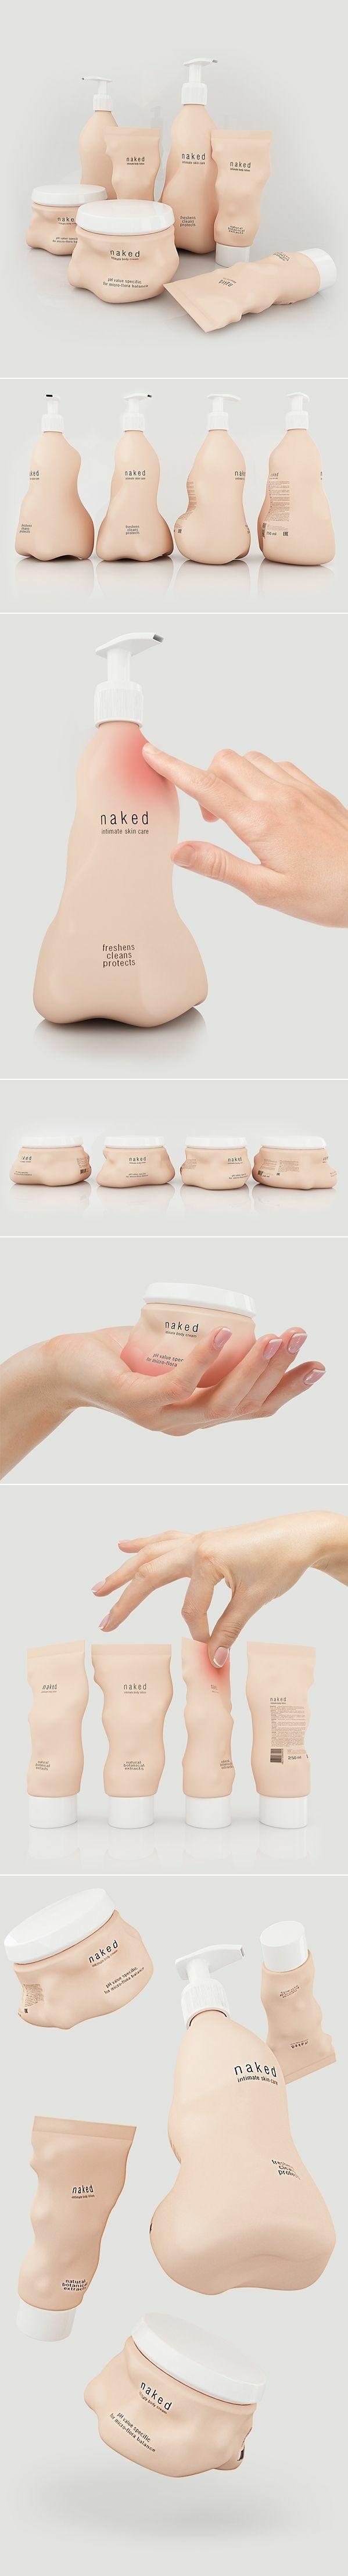 cleveres Produktdesign design ideen kosmetik produkte